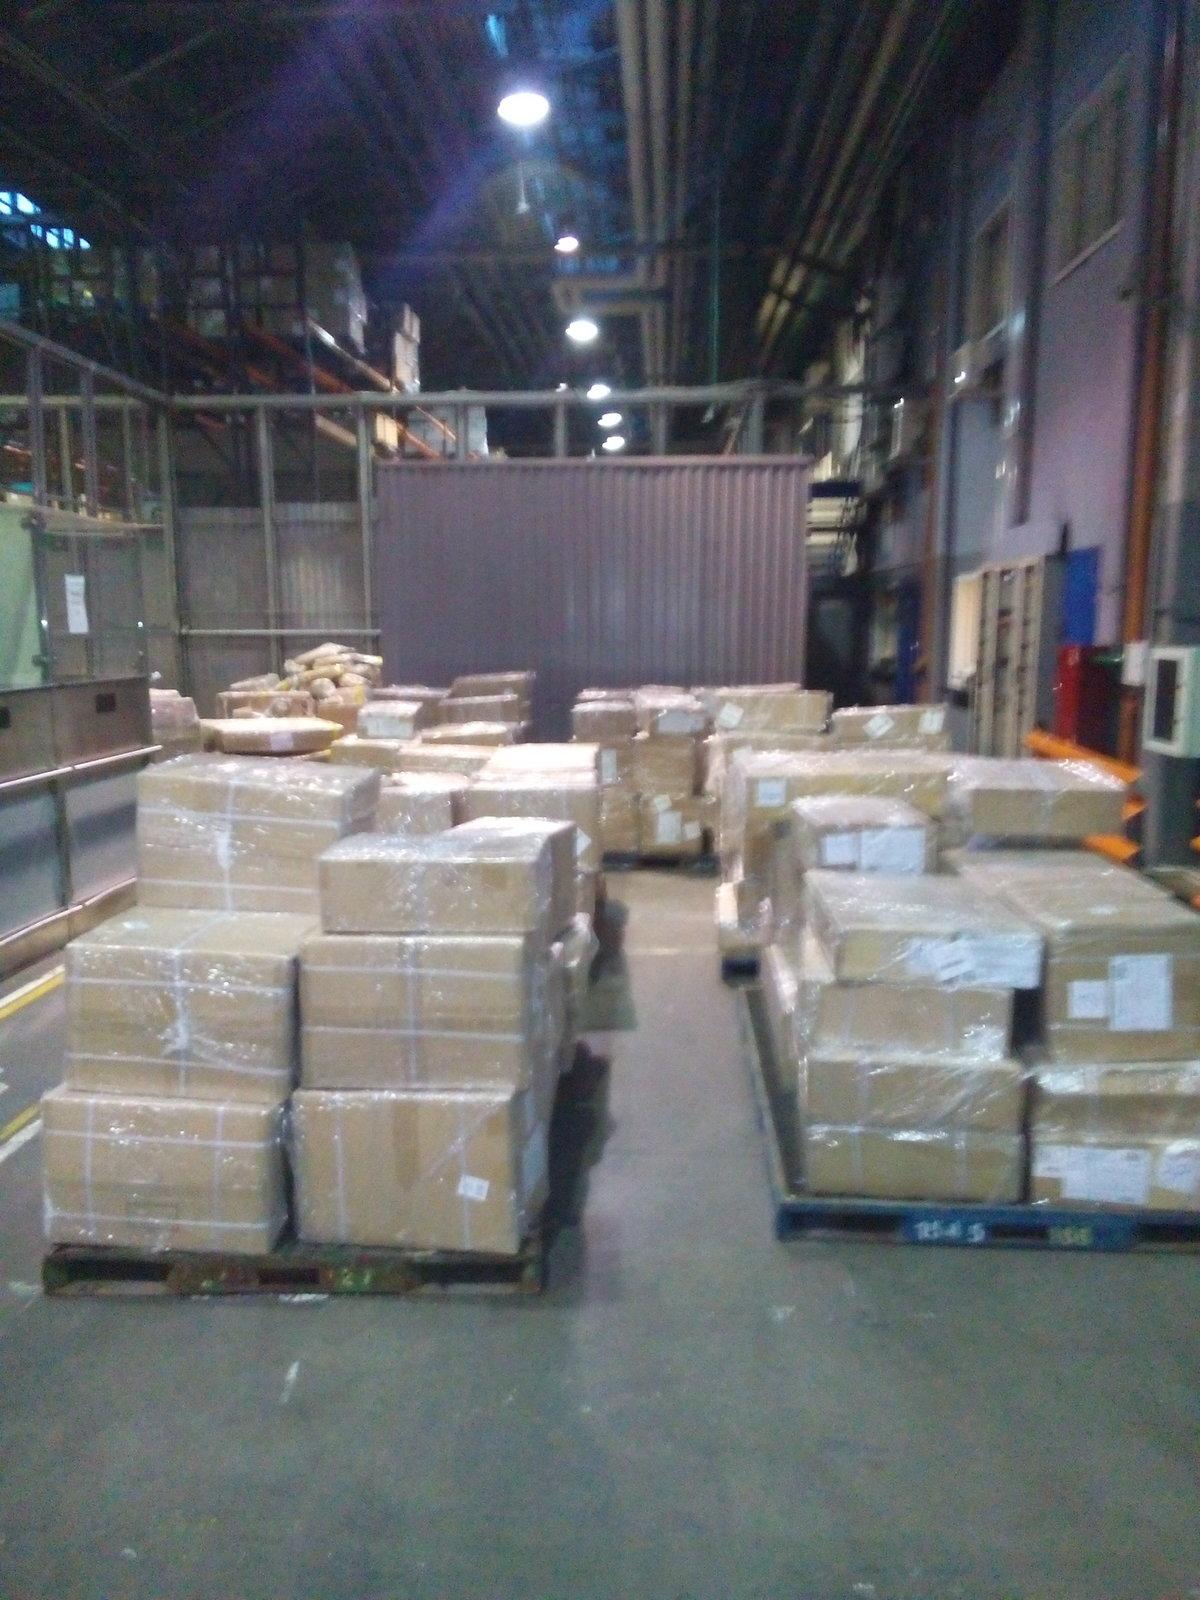 tamozhennoe oformlenie.com груз упаковка СВХ растаможка одежды и грузов из  Китая в Домодедово Карго cf079837c36